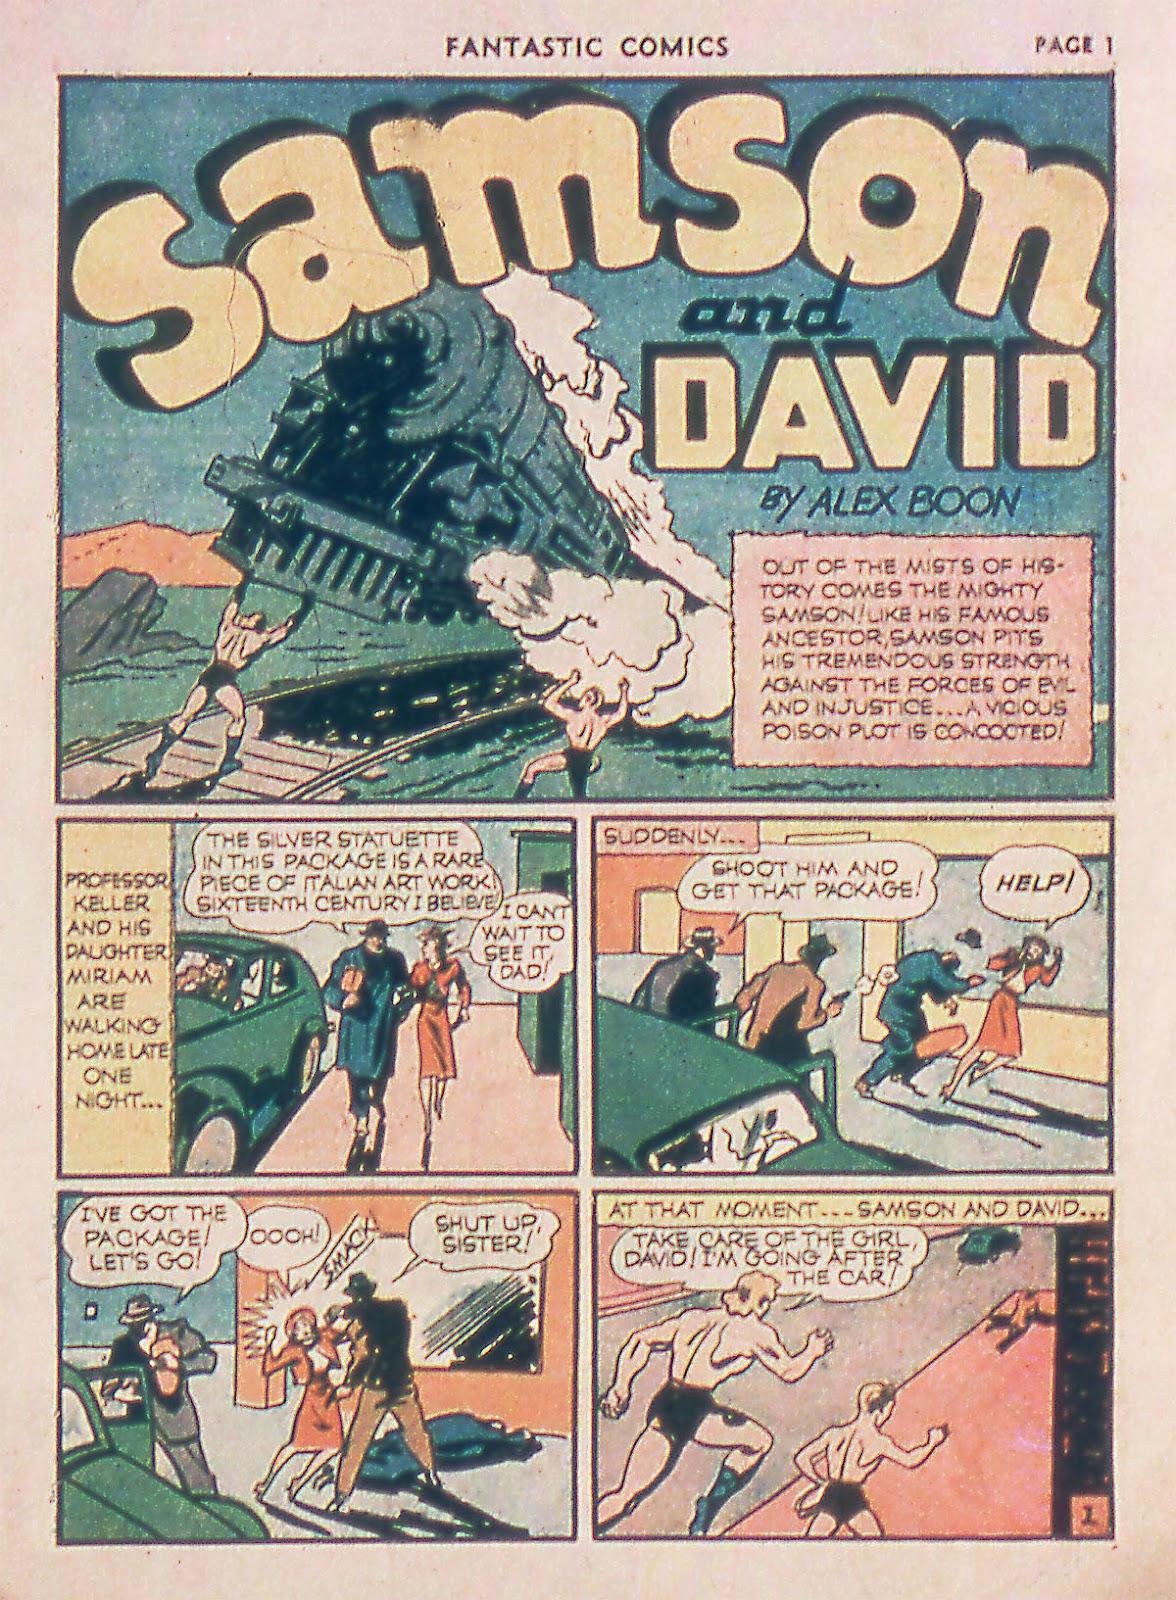 Read online Fantastic Comics comic -  Issue #18 - 3